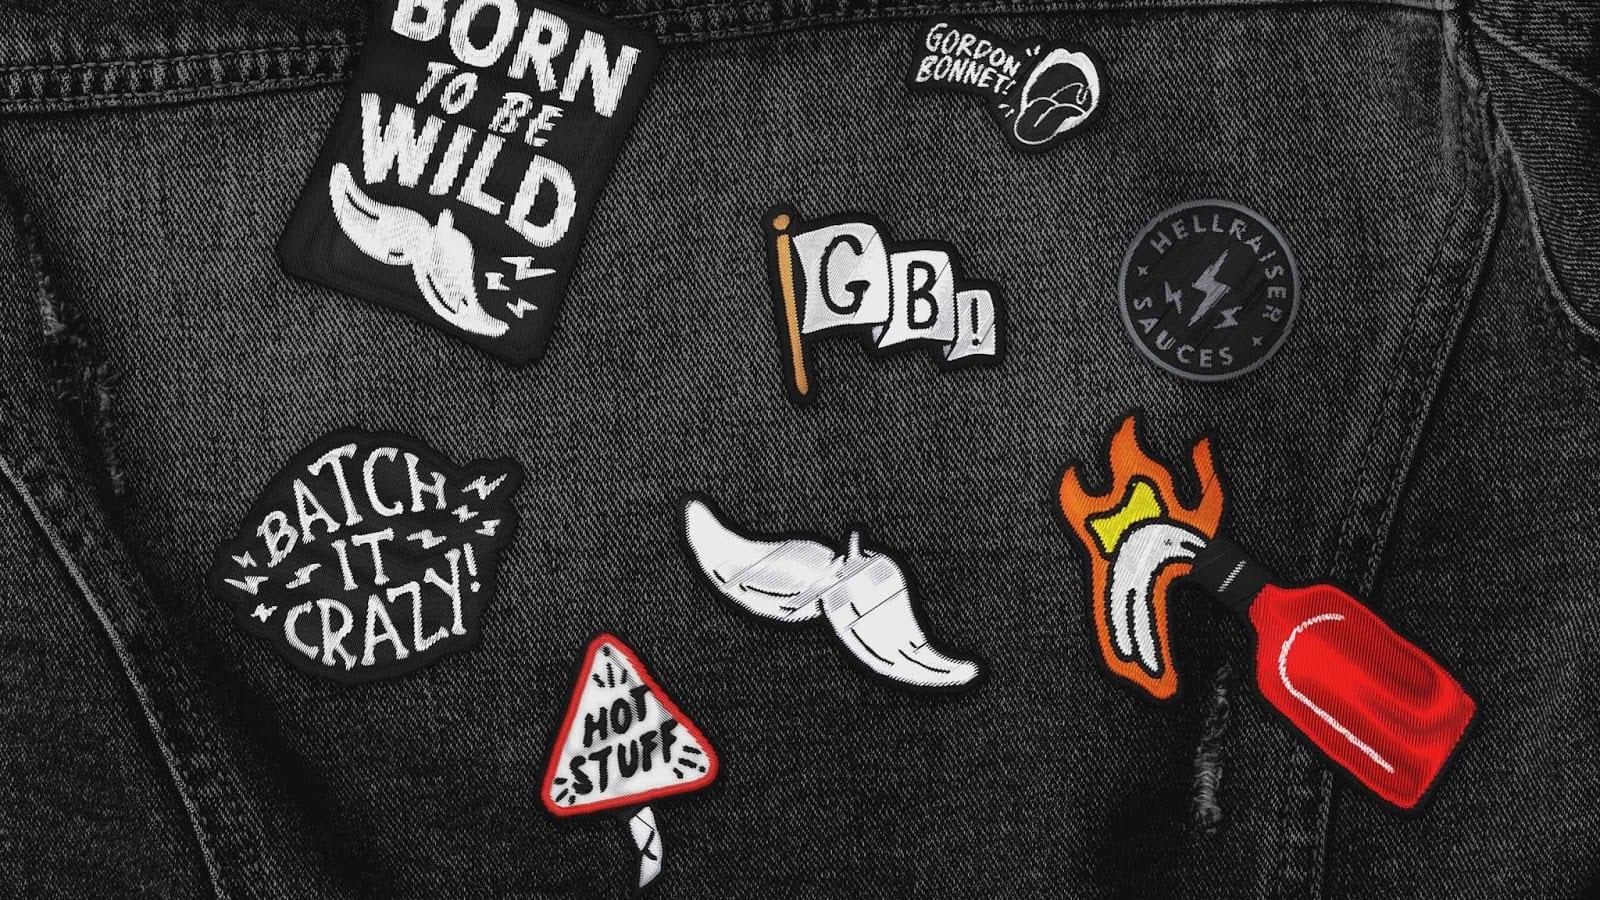 6 gordon bonnet patches - Gordon Bonnet! – Originální omáčkový ďábel